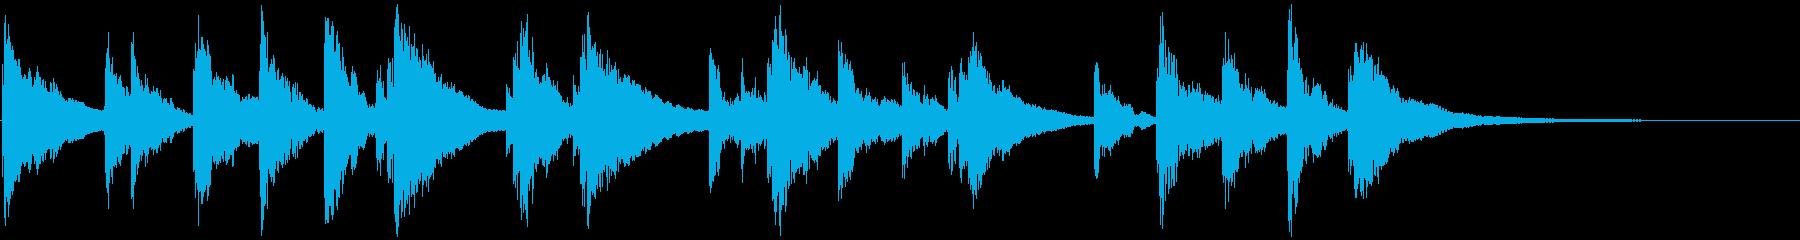 ピチカートのクラシックな短いジングル2の再生済みの波形